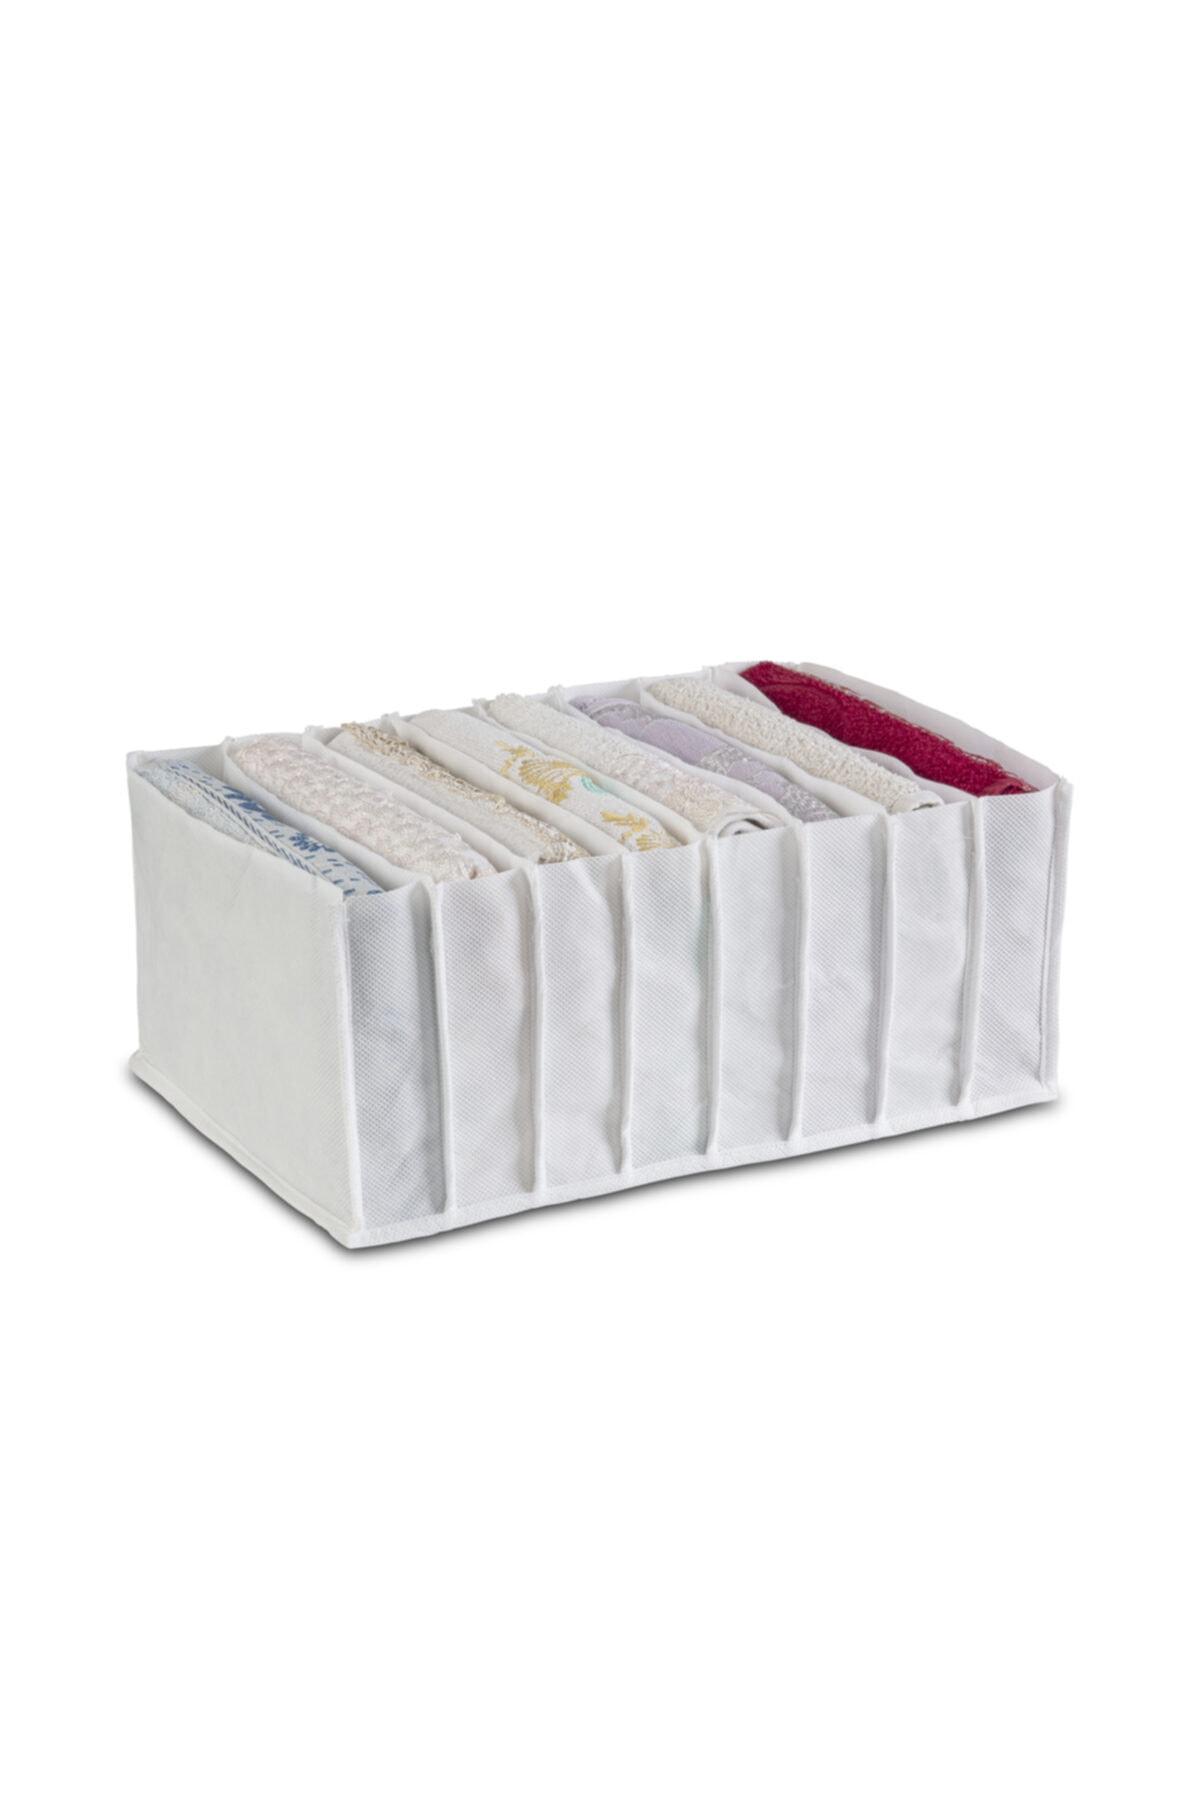 Ophelias Touch Organizer Cepli Dolap Içi Ve Çekmece Düzenleyici-beyaz-organik-small 1